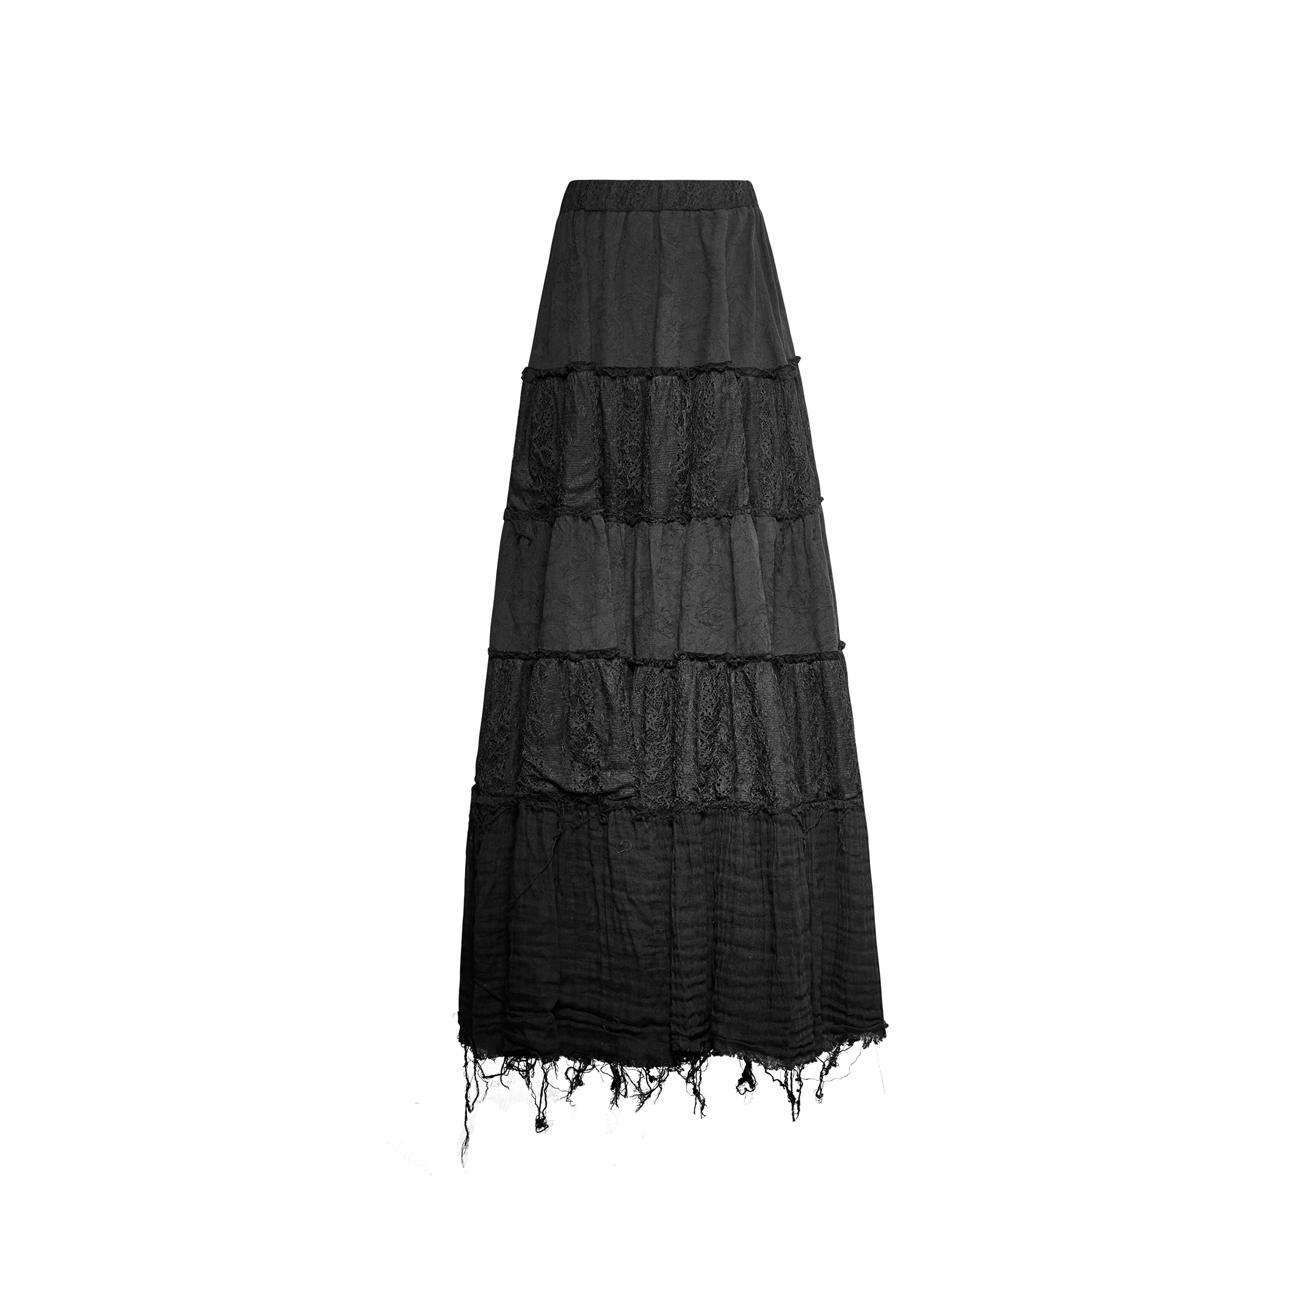 witchcraft skirt langer schwarzer rock. Black Bedroom Furniture Sets. Home Design Ideas